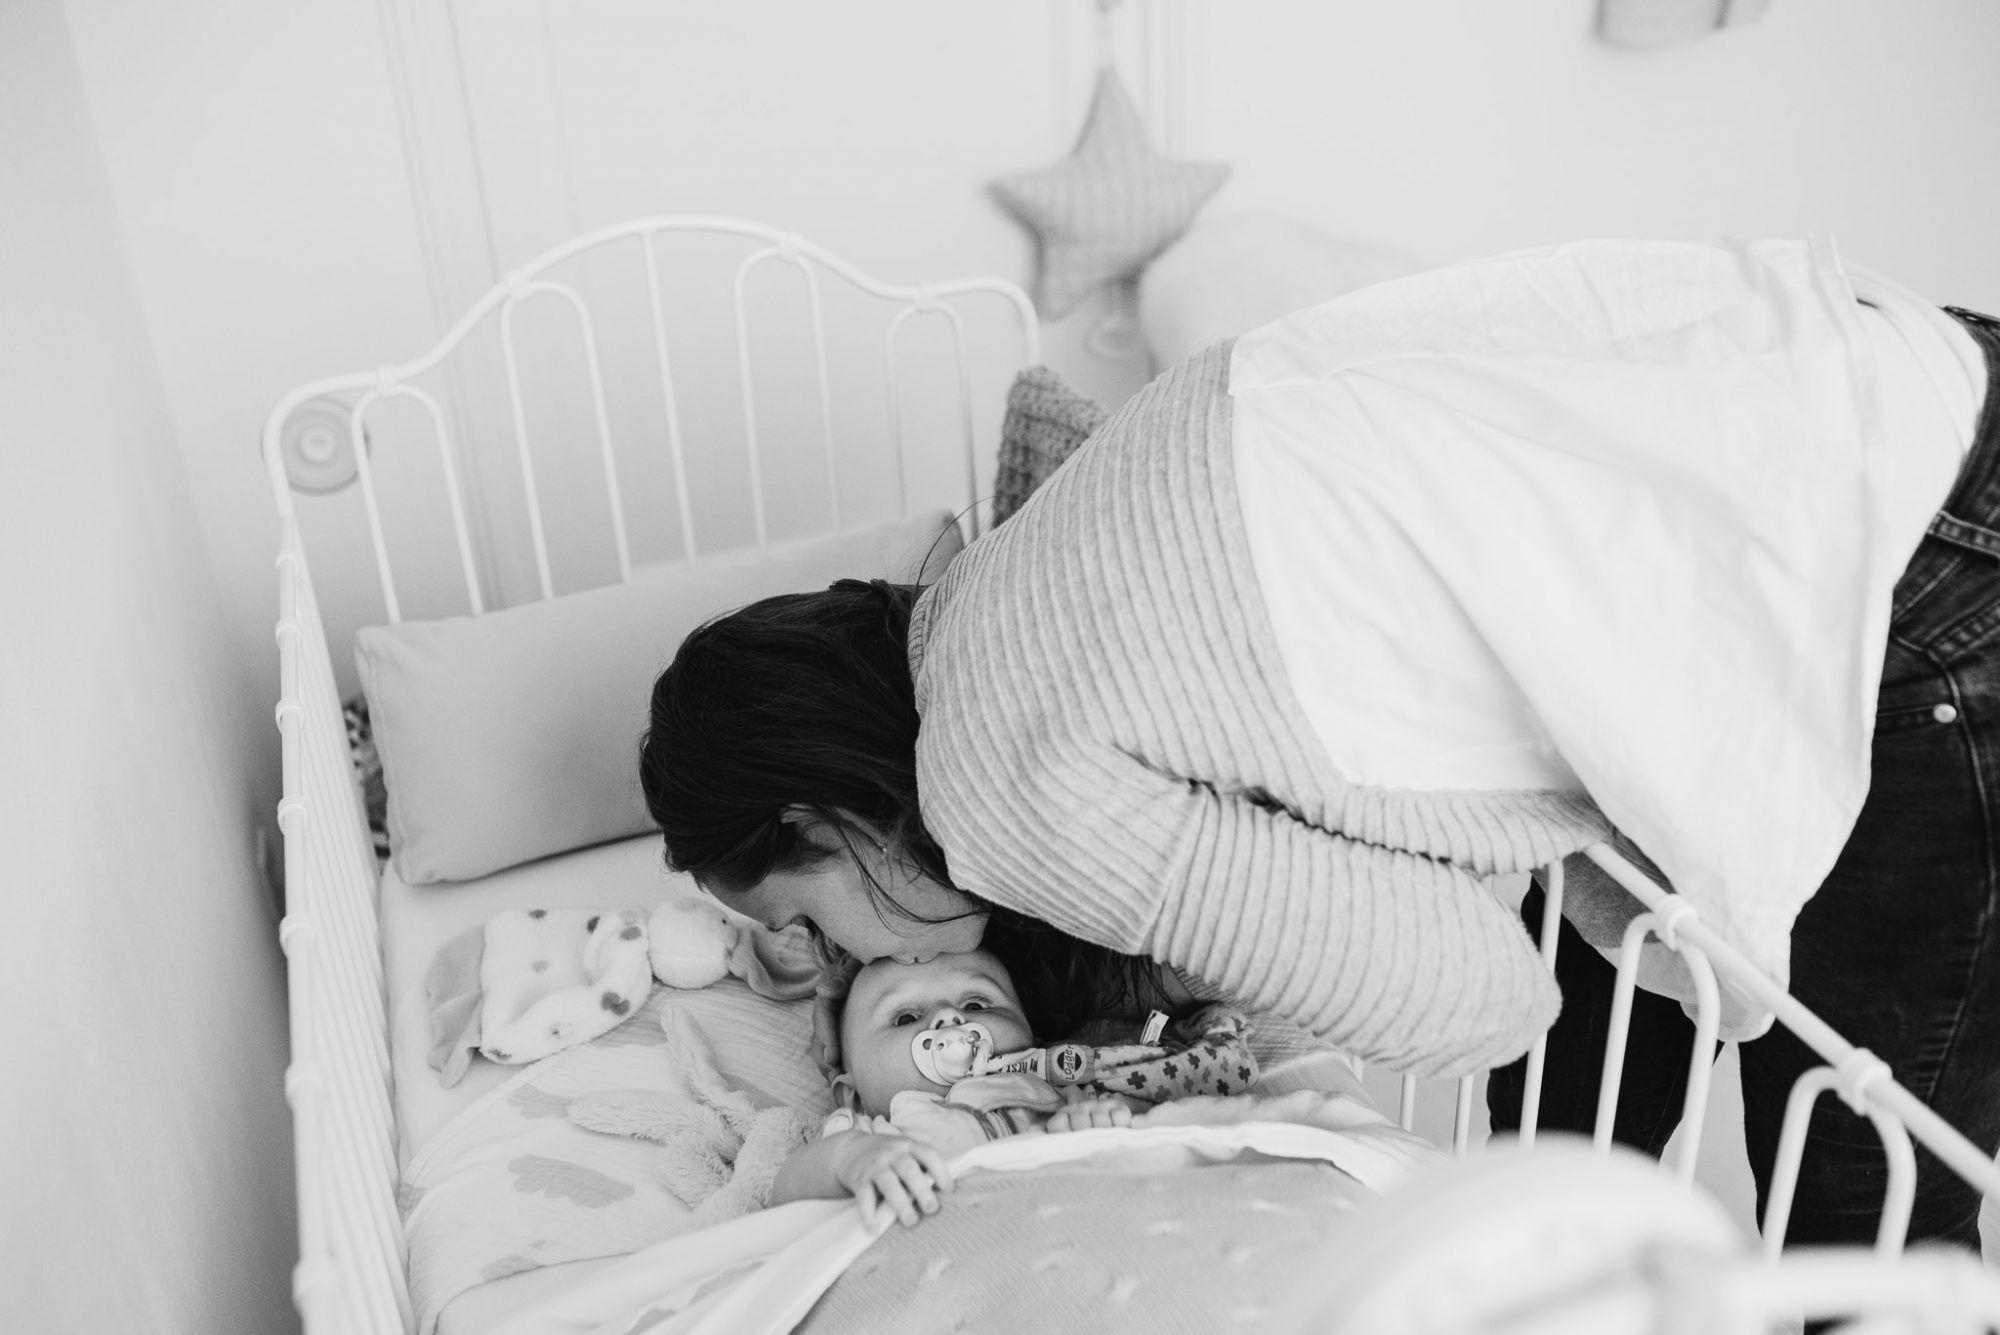 gezinsfotoshoot met baby thuis